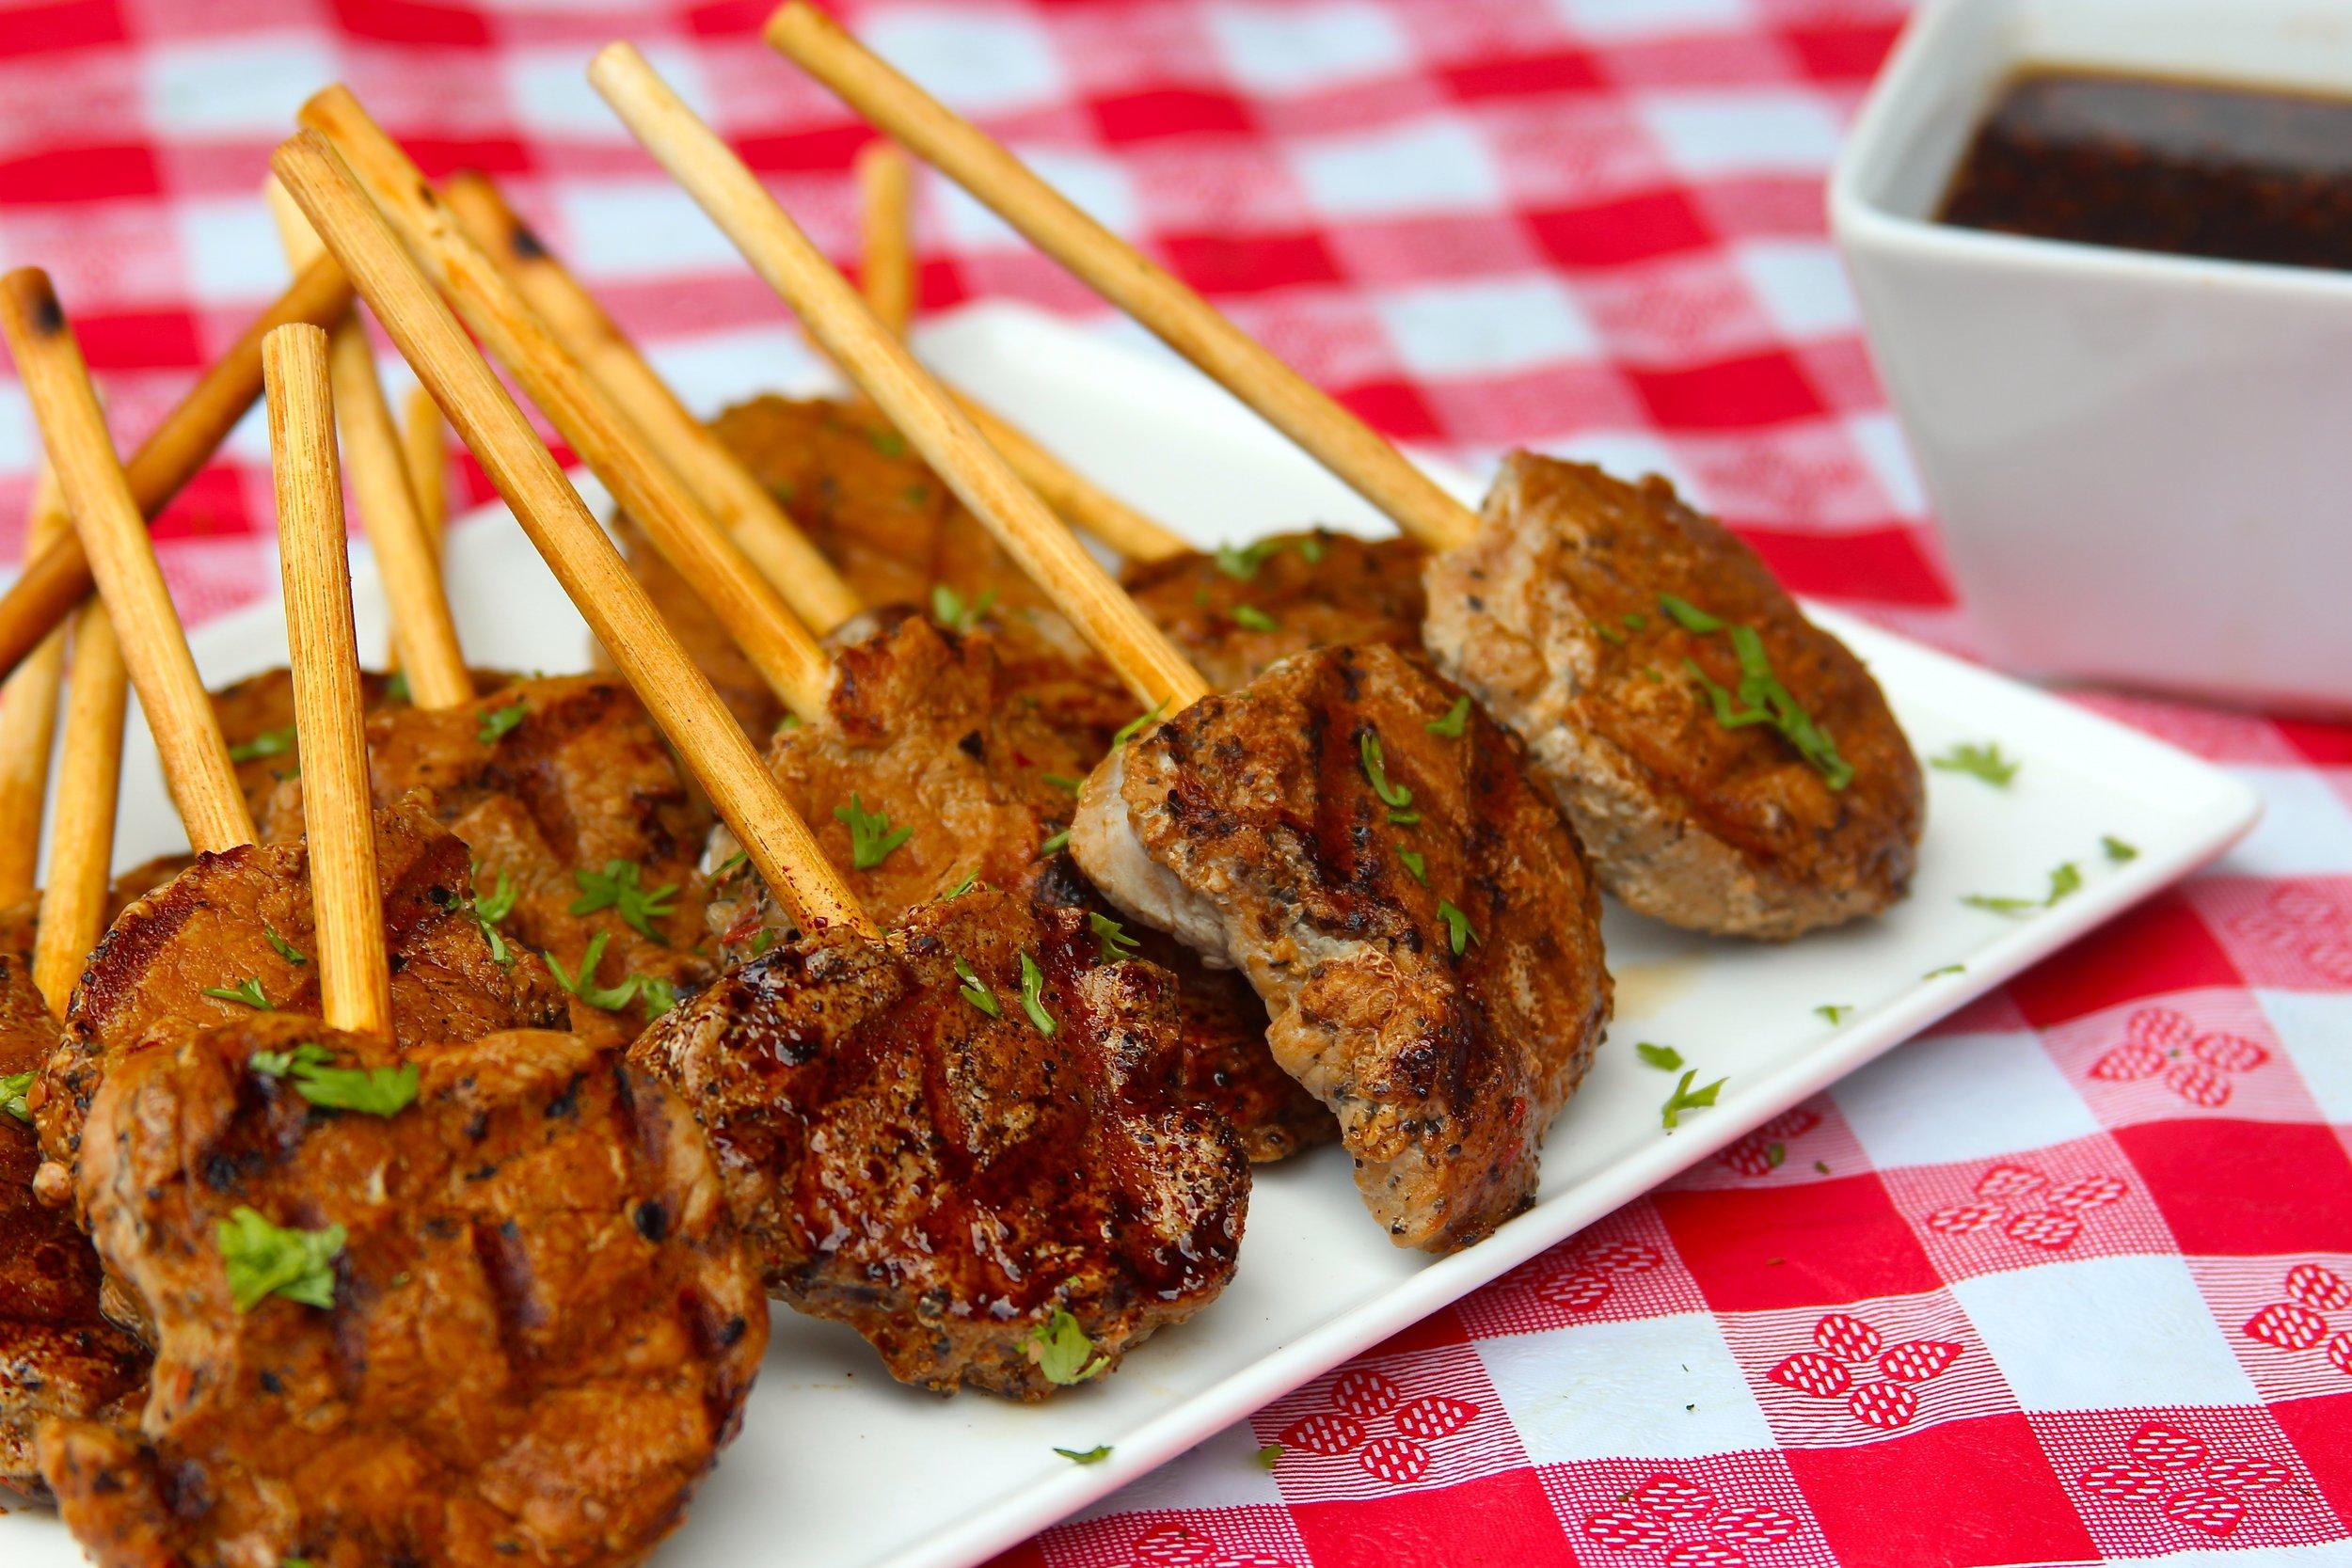 Smithfield Pork Tenderloin Lollipops with Soy-Ginger Dipping Sauce